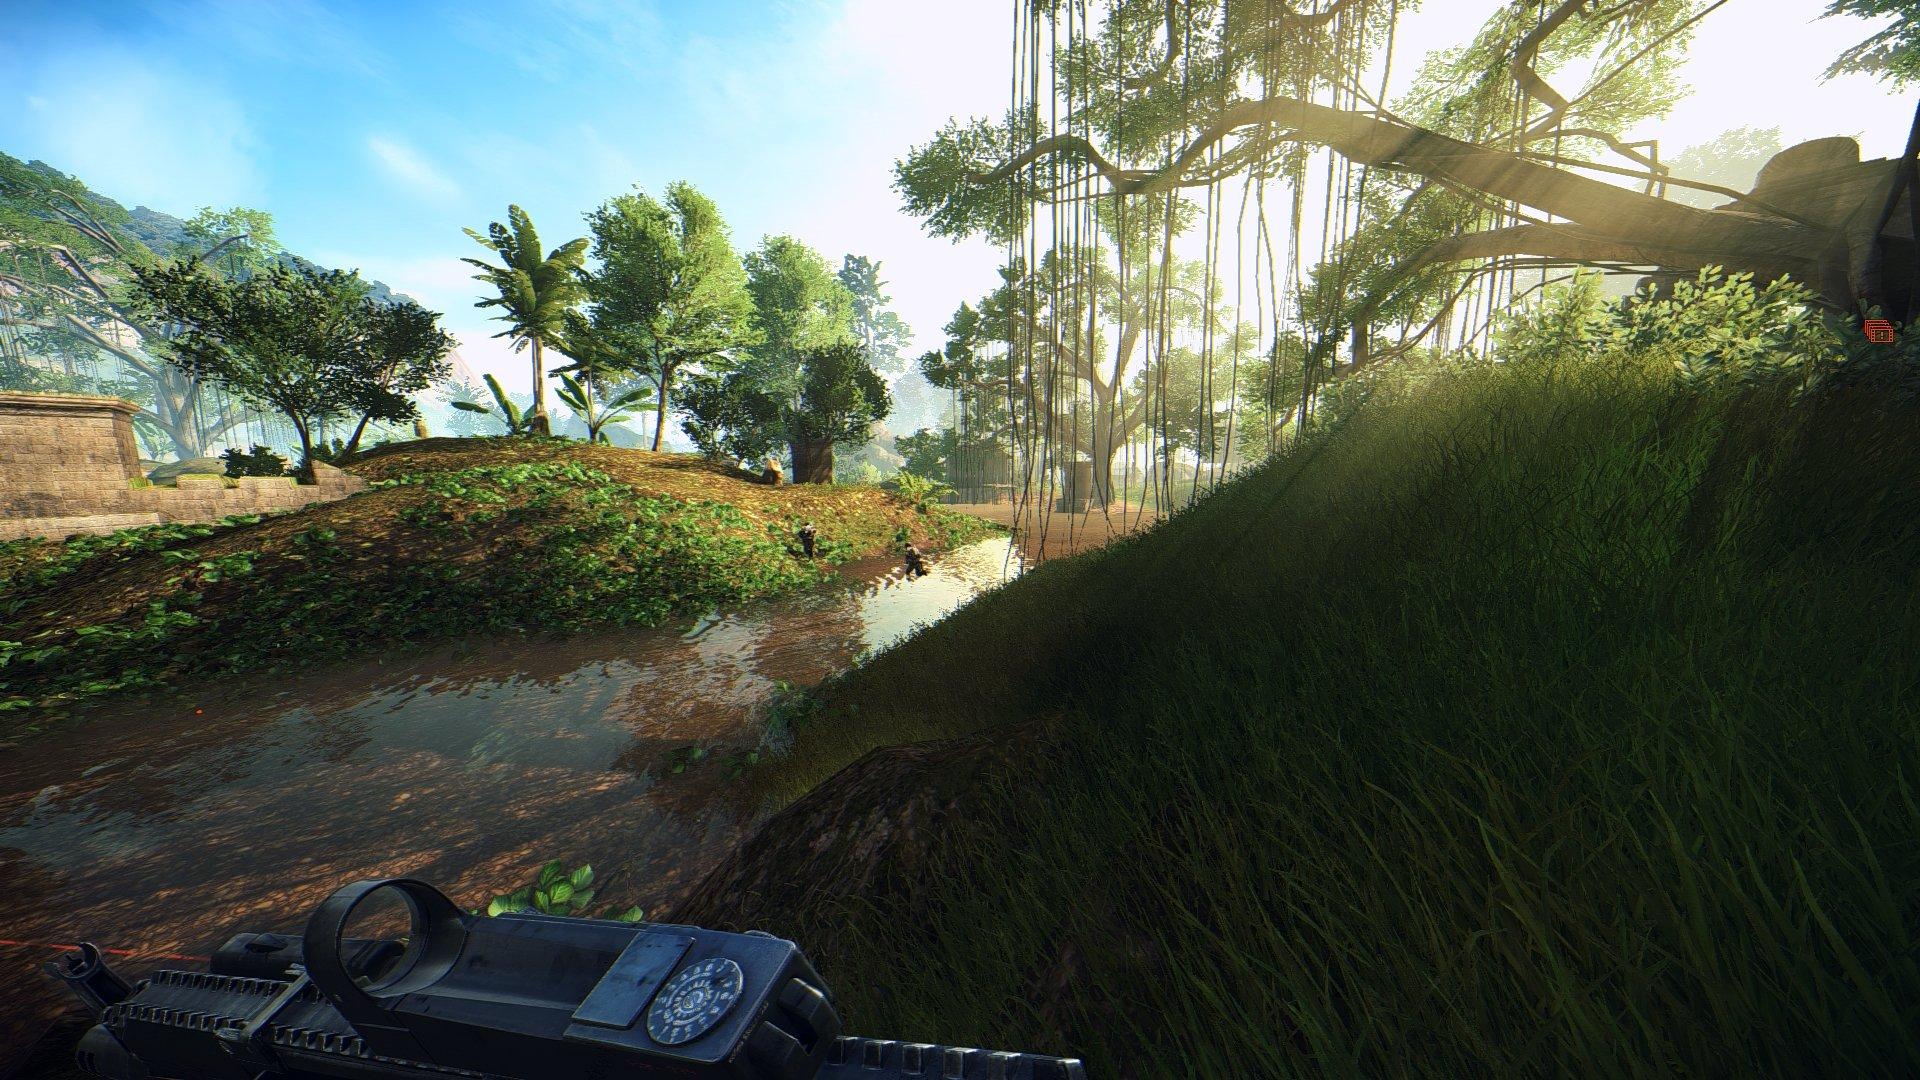 Карта сообщества Battlefield 4 - Изображение 21